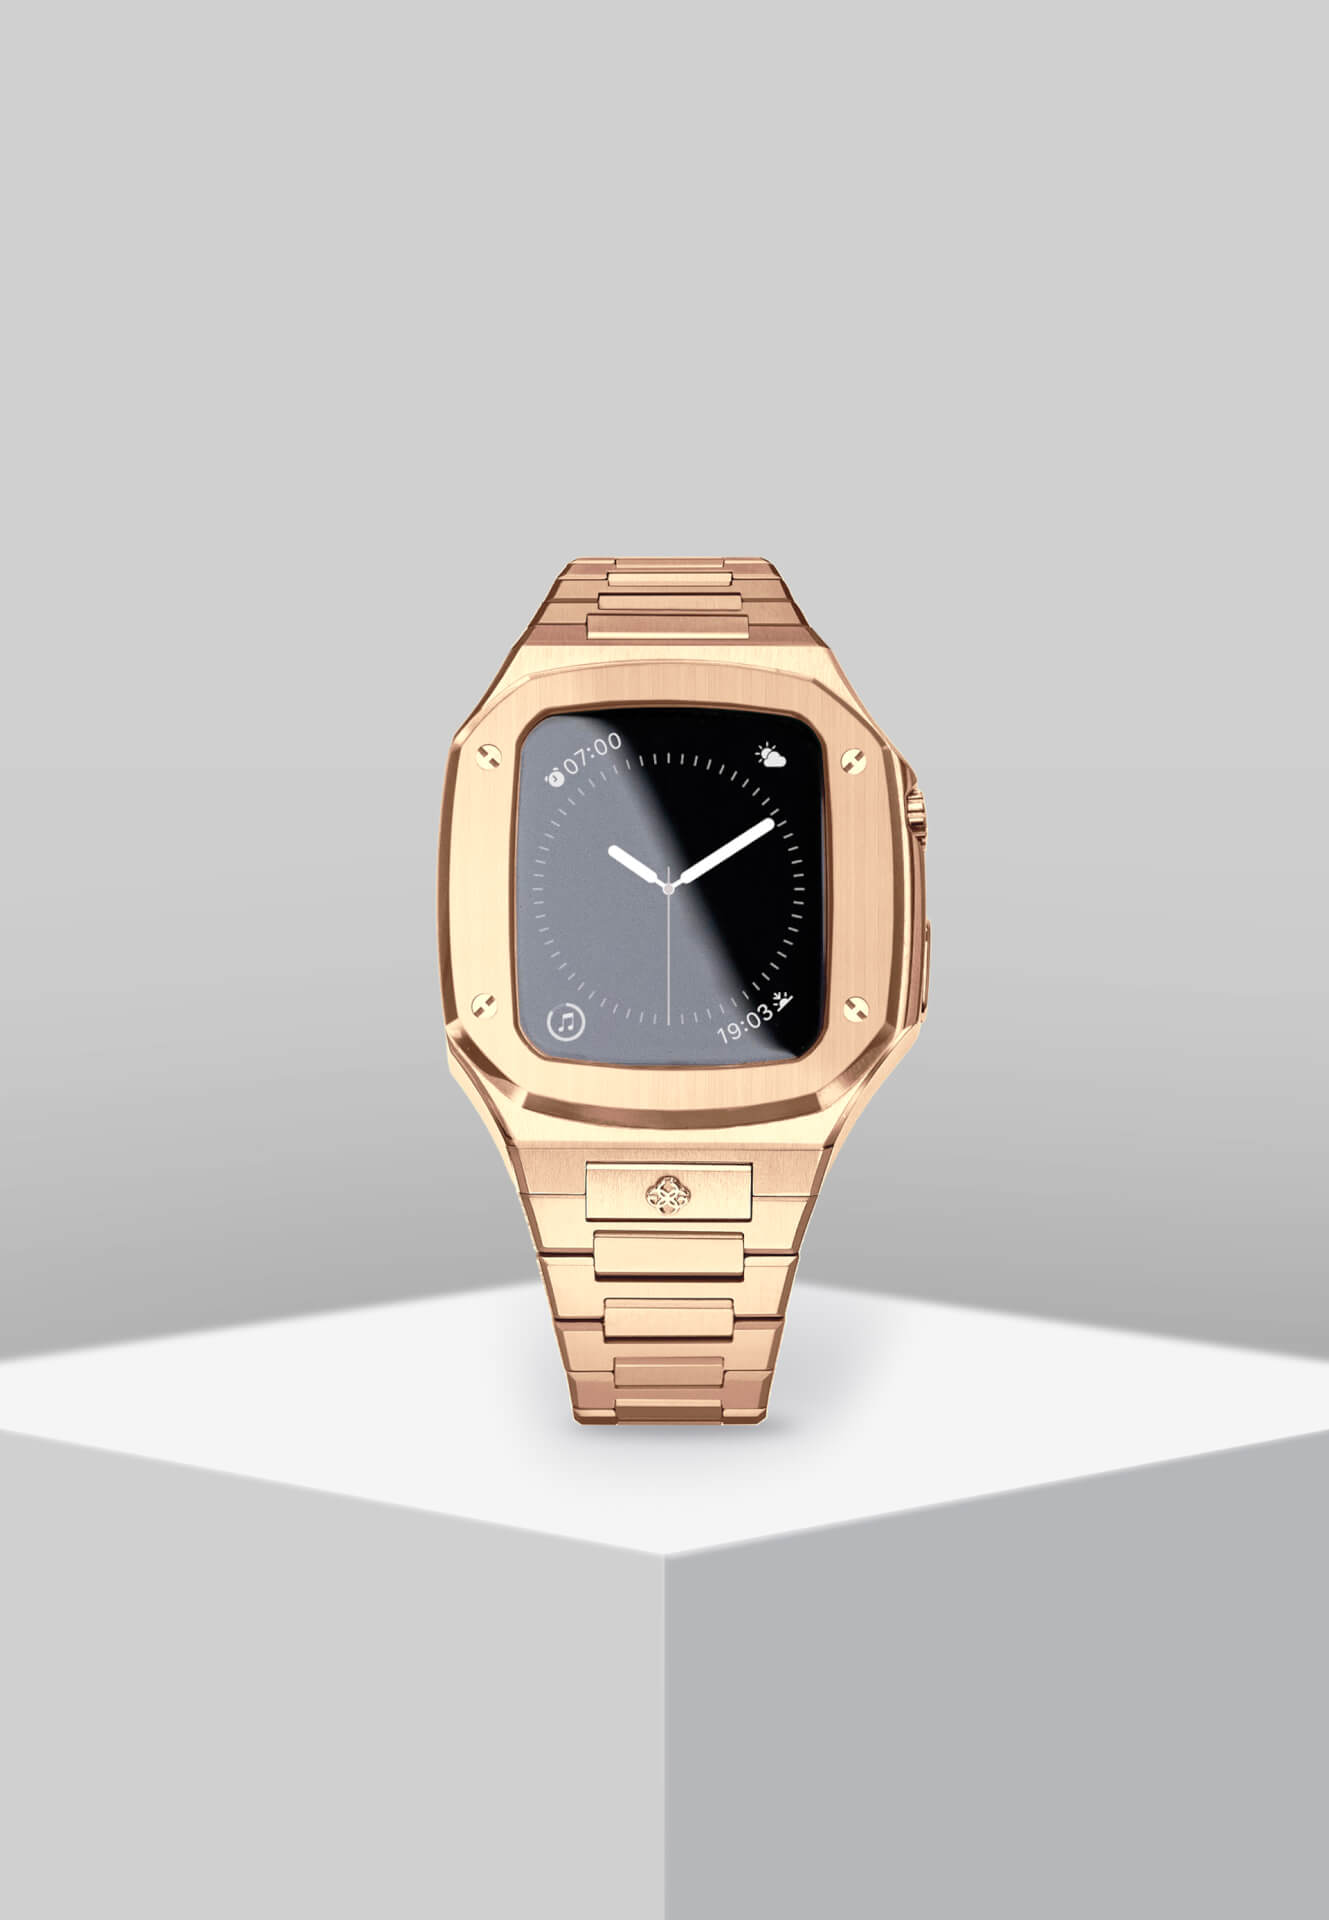 高級感漂うGOLDEN CONCEPTのApple Watchケースに待望の40mm用新コレクションが登場!ホワイト、イエローなどの新カラーがラインナップ tech201124_applewatch_case_18